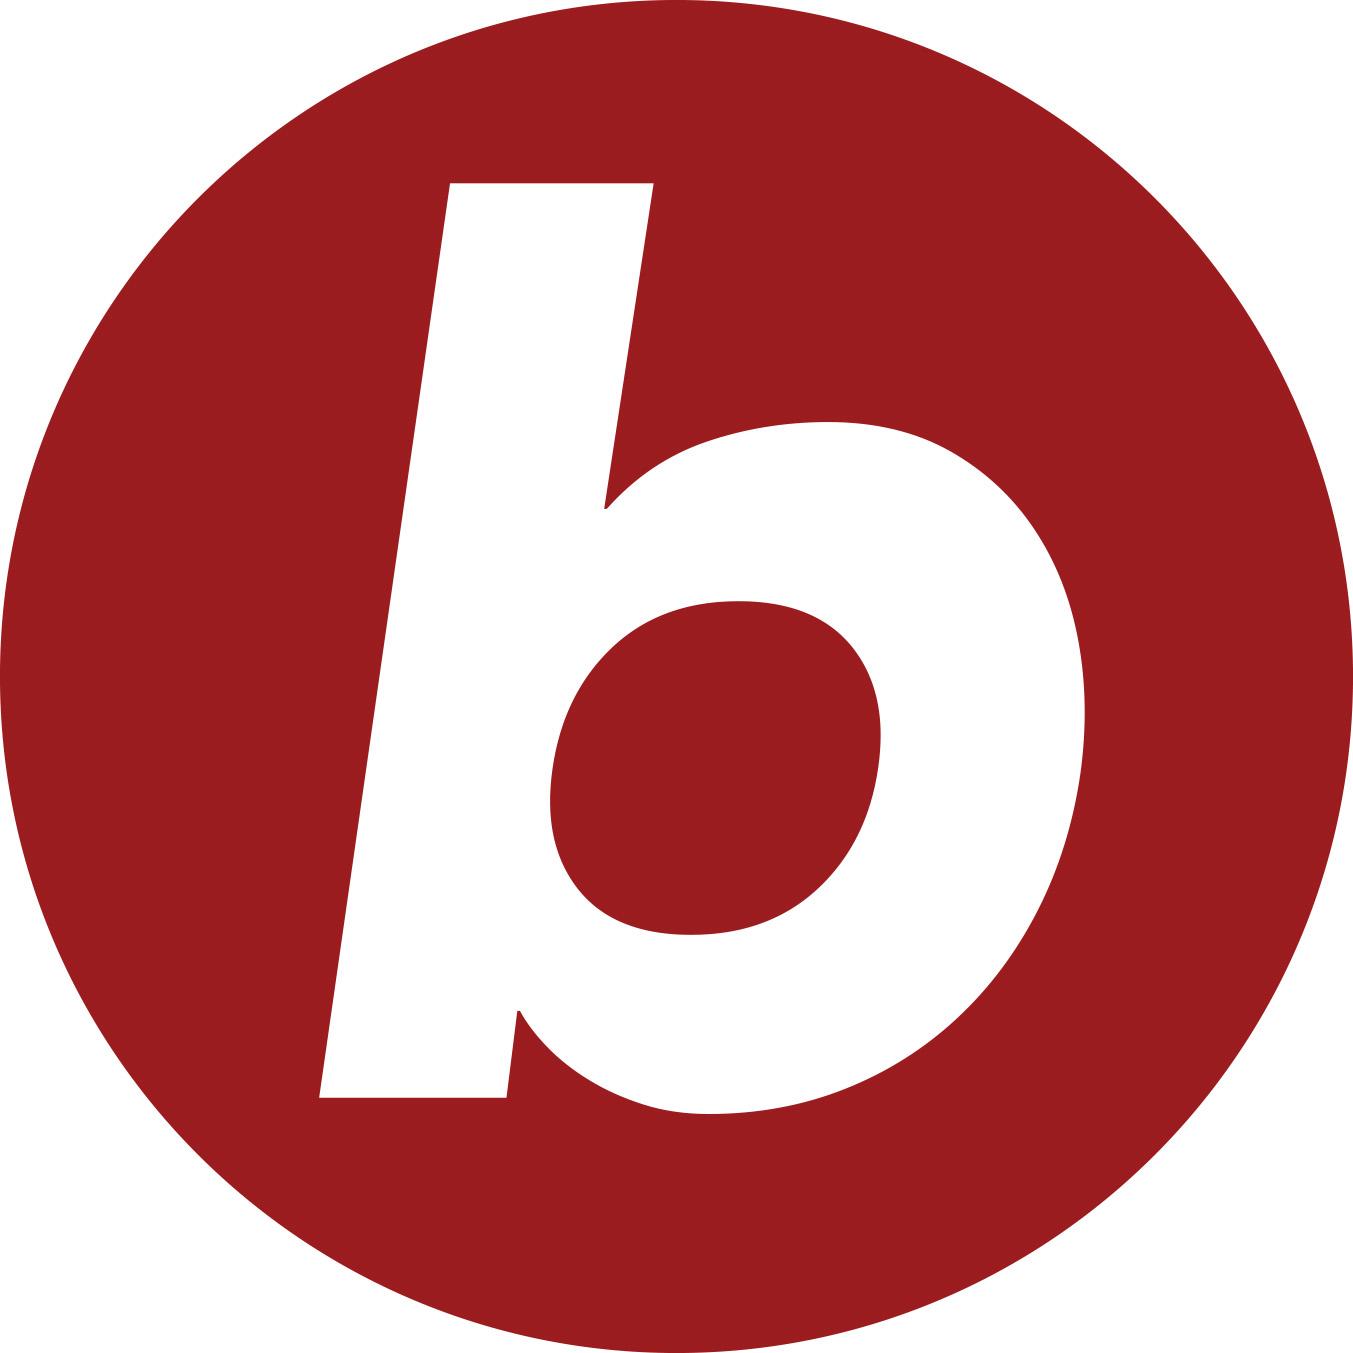 BDC_b_logo_transparent_background_og.jpg